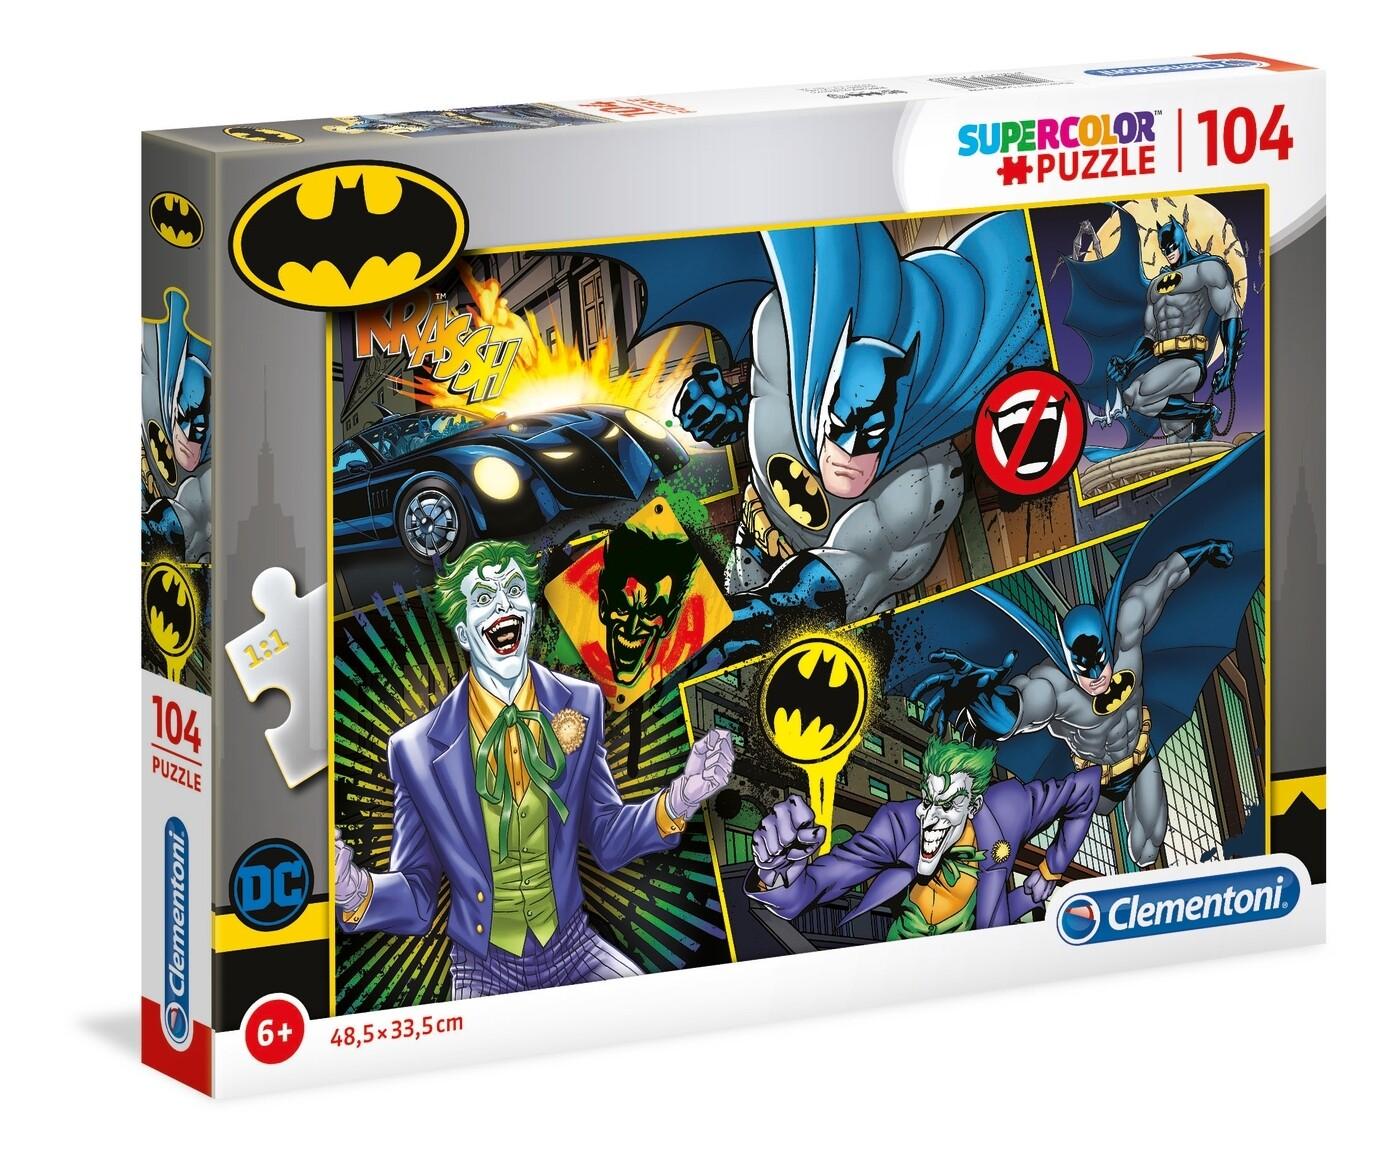 PUZZLE Super 104pcs Batman - CLEMENTONI